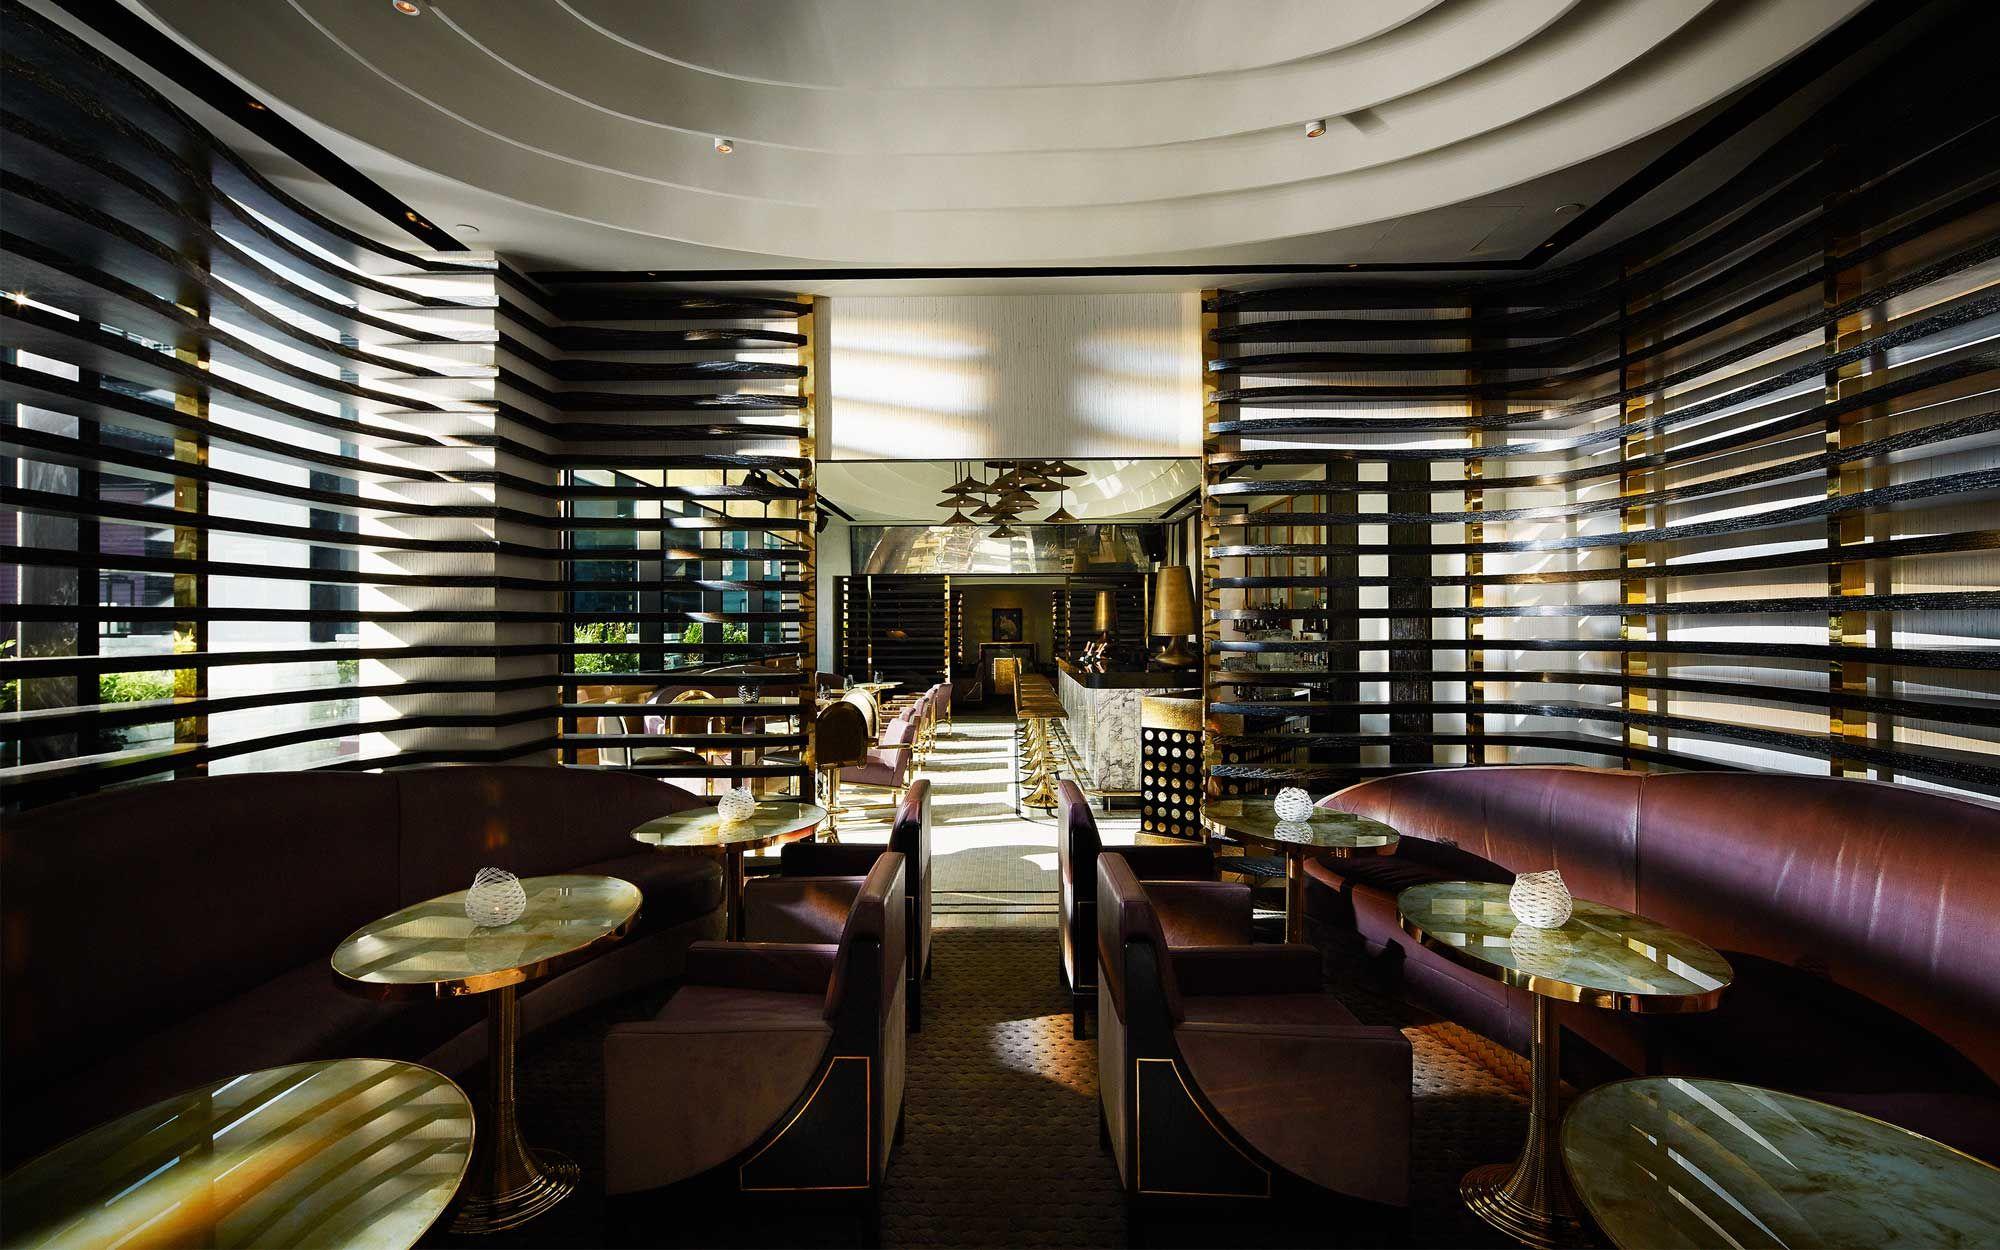 Das wohnzimmer david collins klavierzimmer bangkok thailand restaurant bar terrassen würfel lounge club